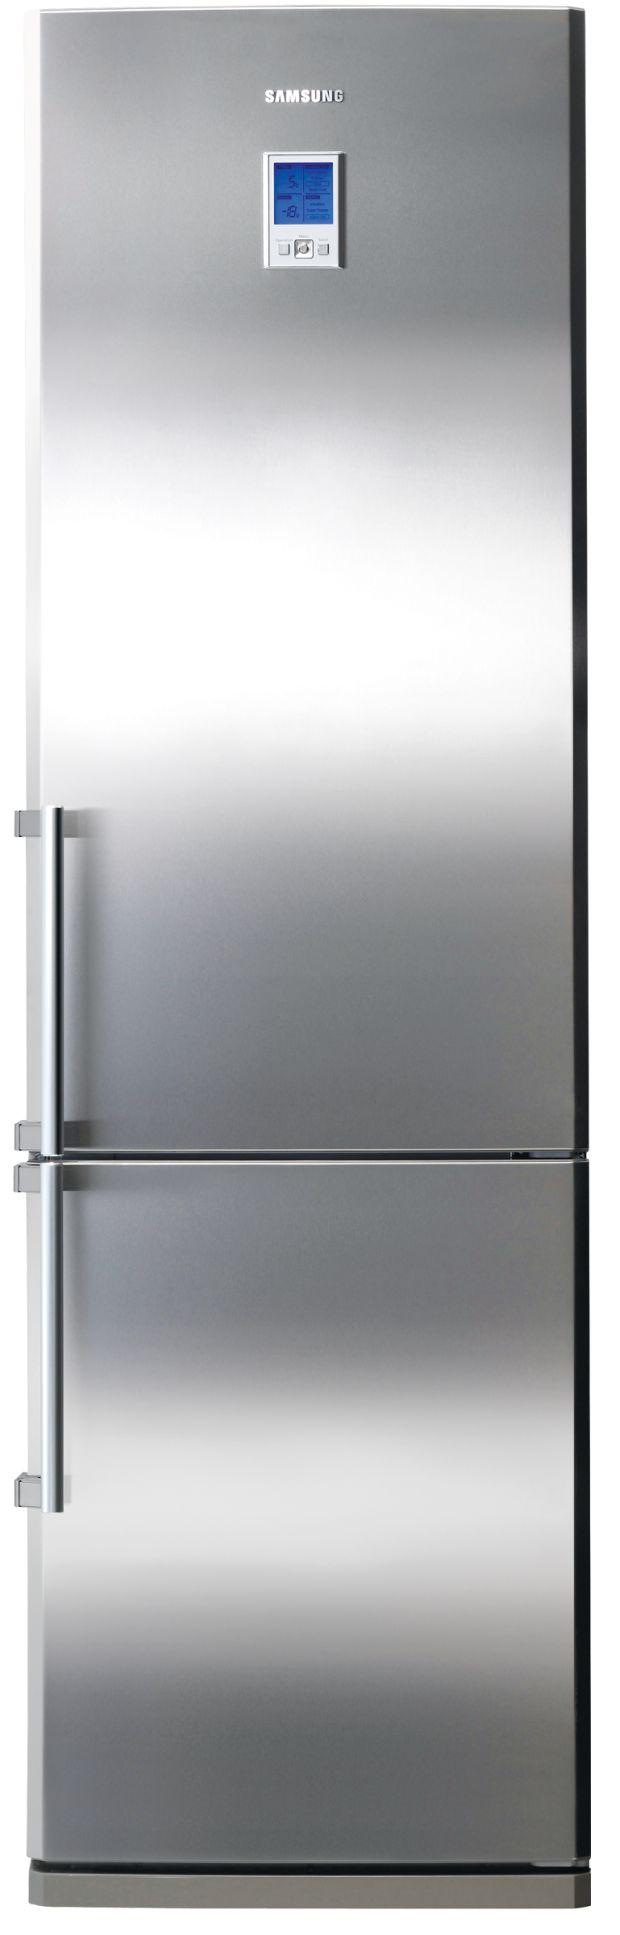 Инструкция Холодильнику Самсунг No Frost